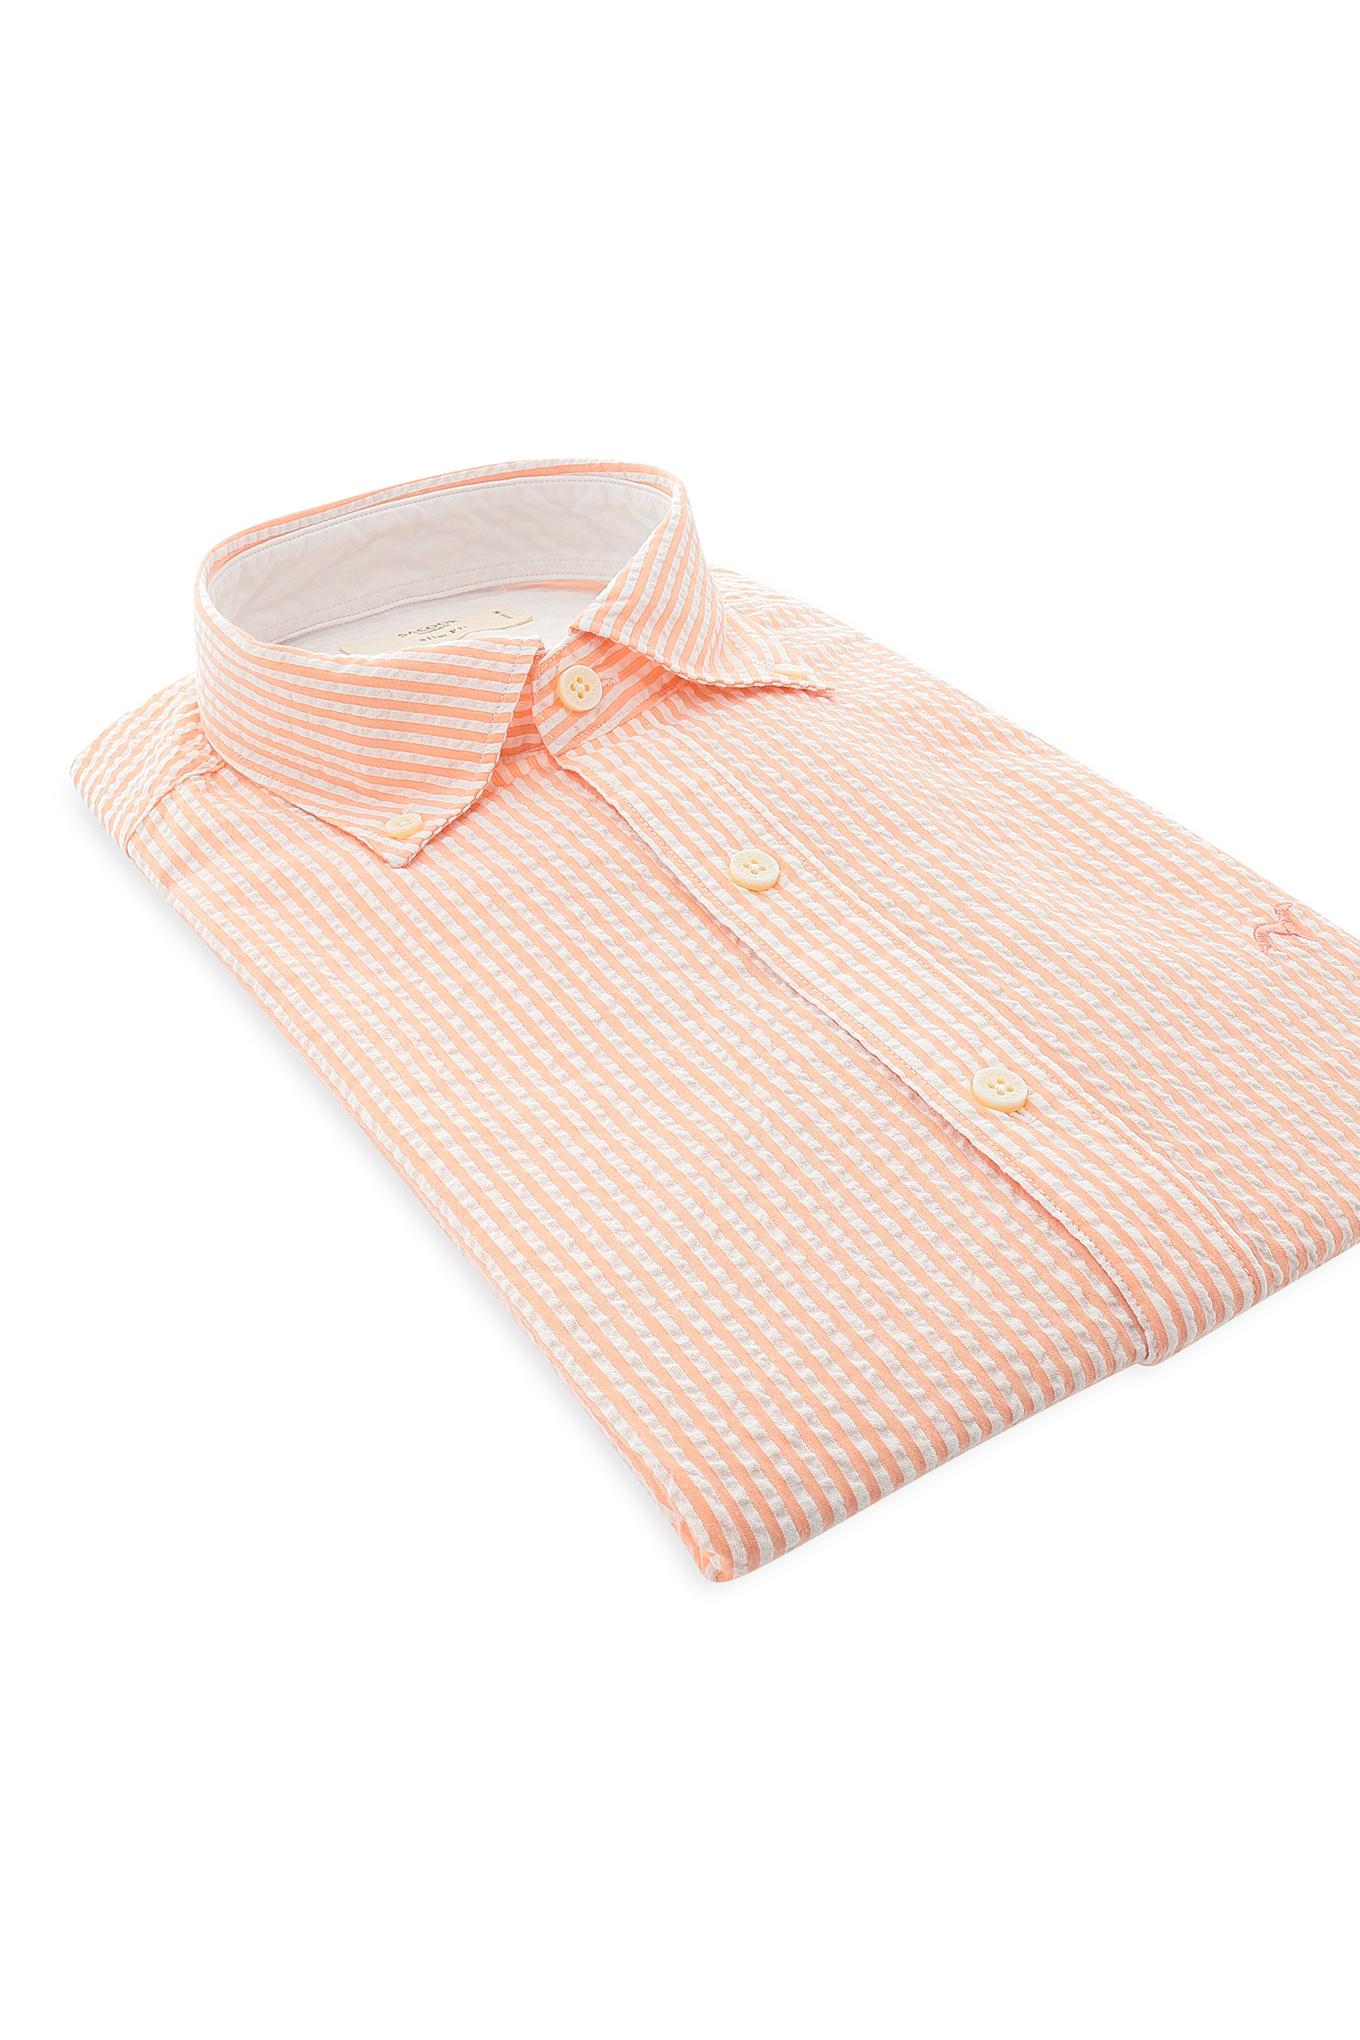 Camisa Laranja Claro Casual Homem